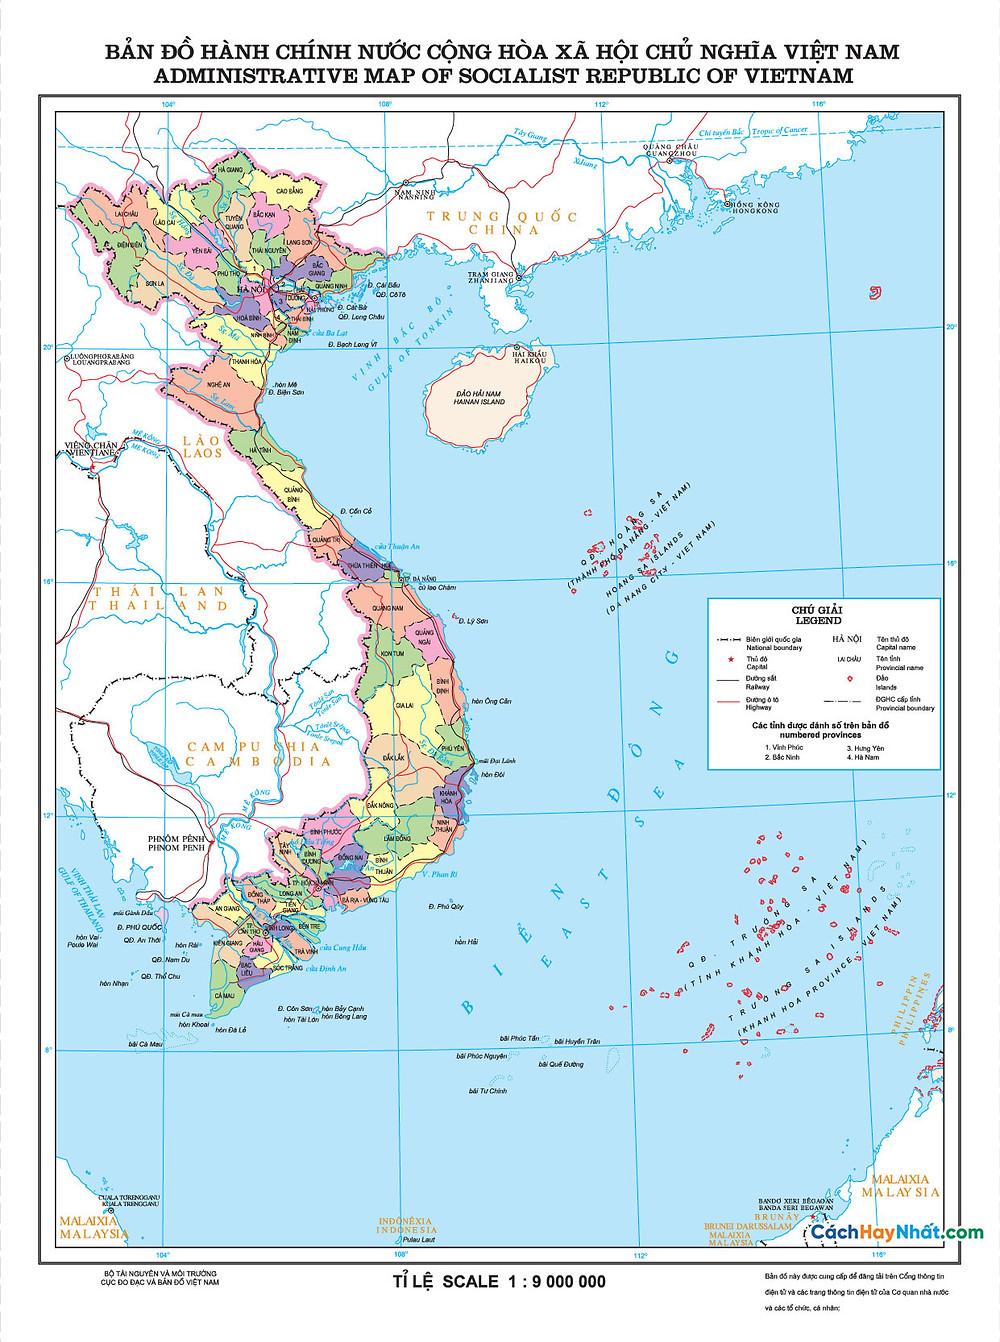 Bản đồ hành chính Việt Nam 2017 chuẩn - 63 tỉnh thành trên cả nước